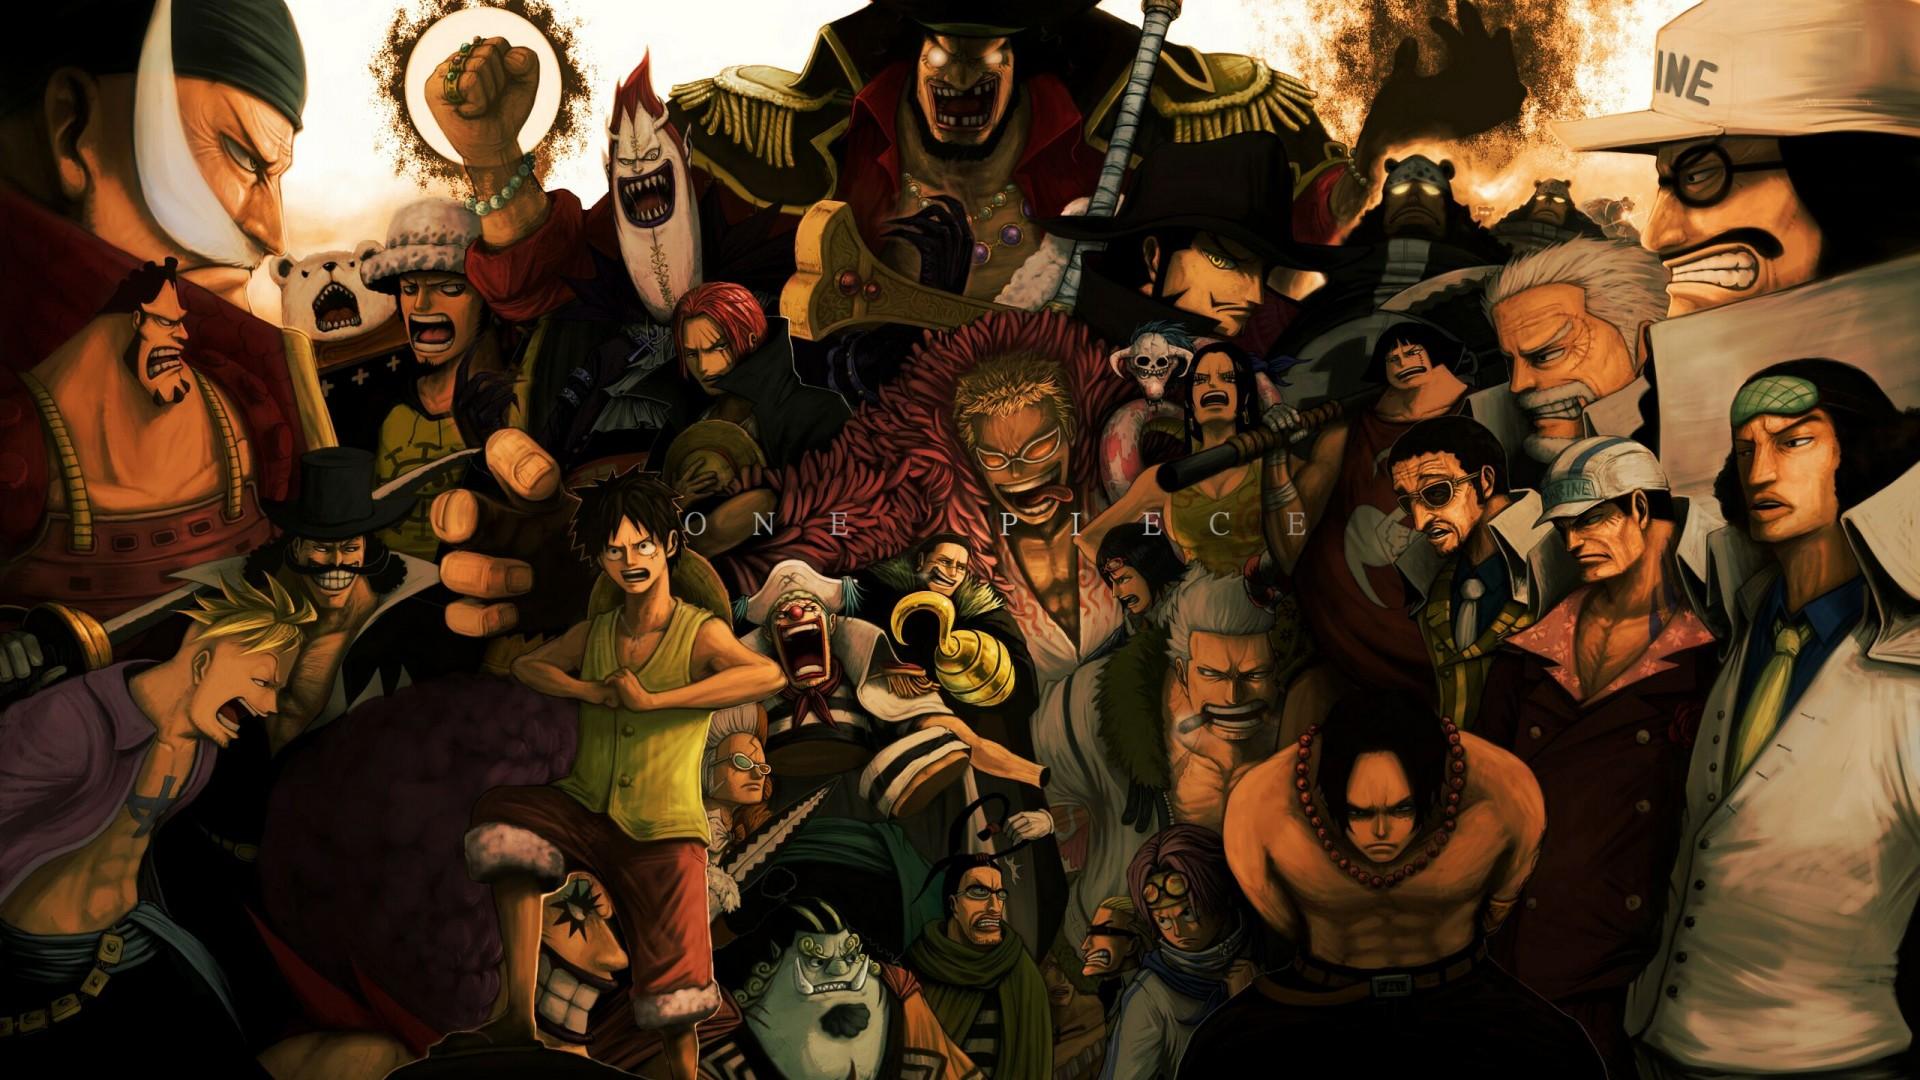 One Piece 1920x1080